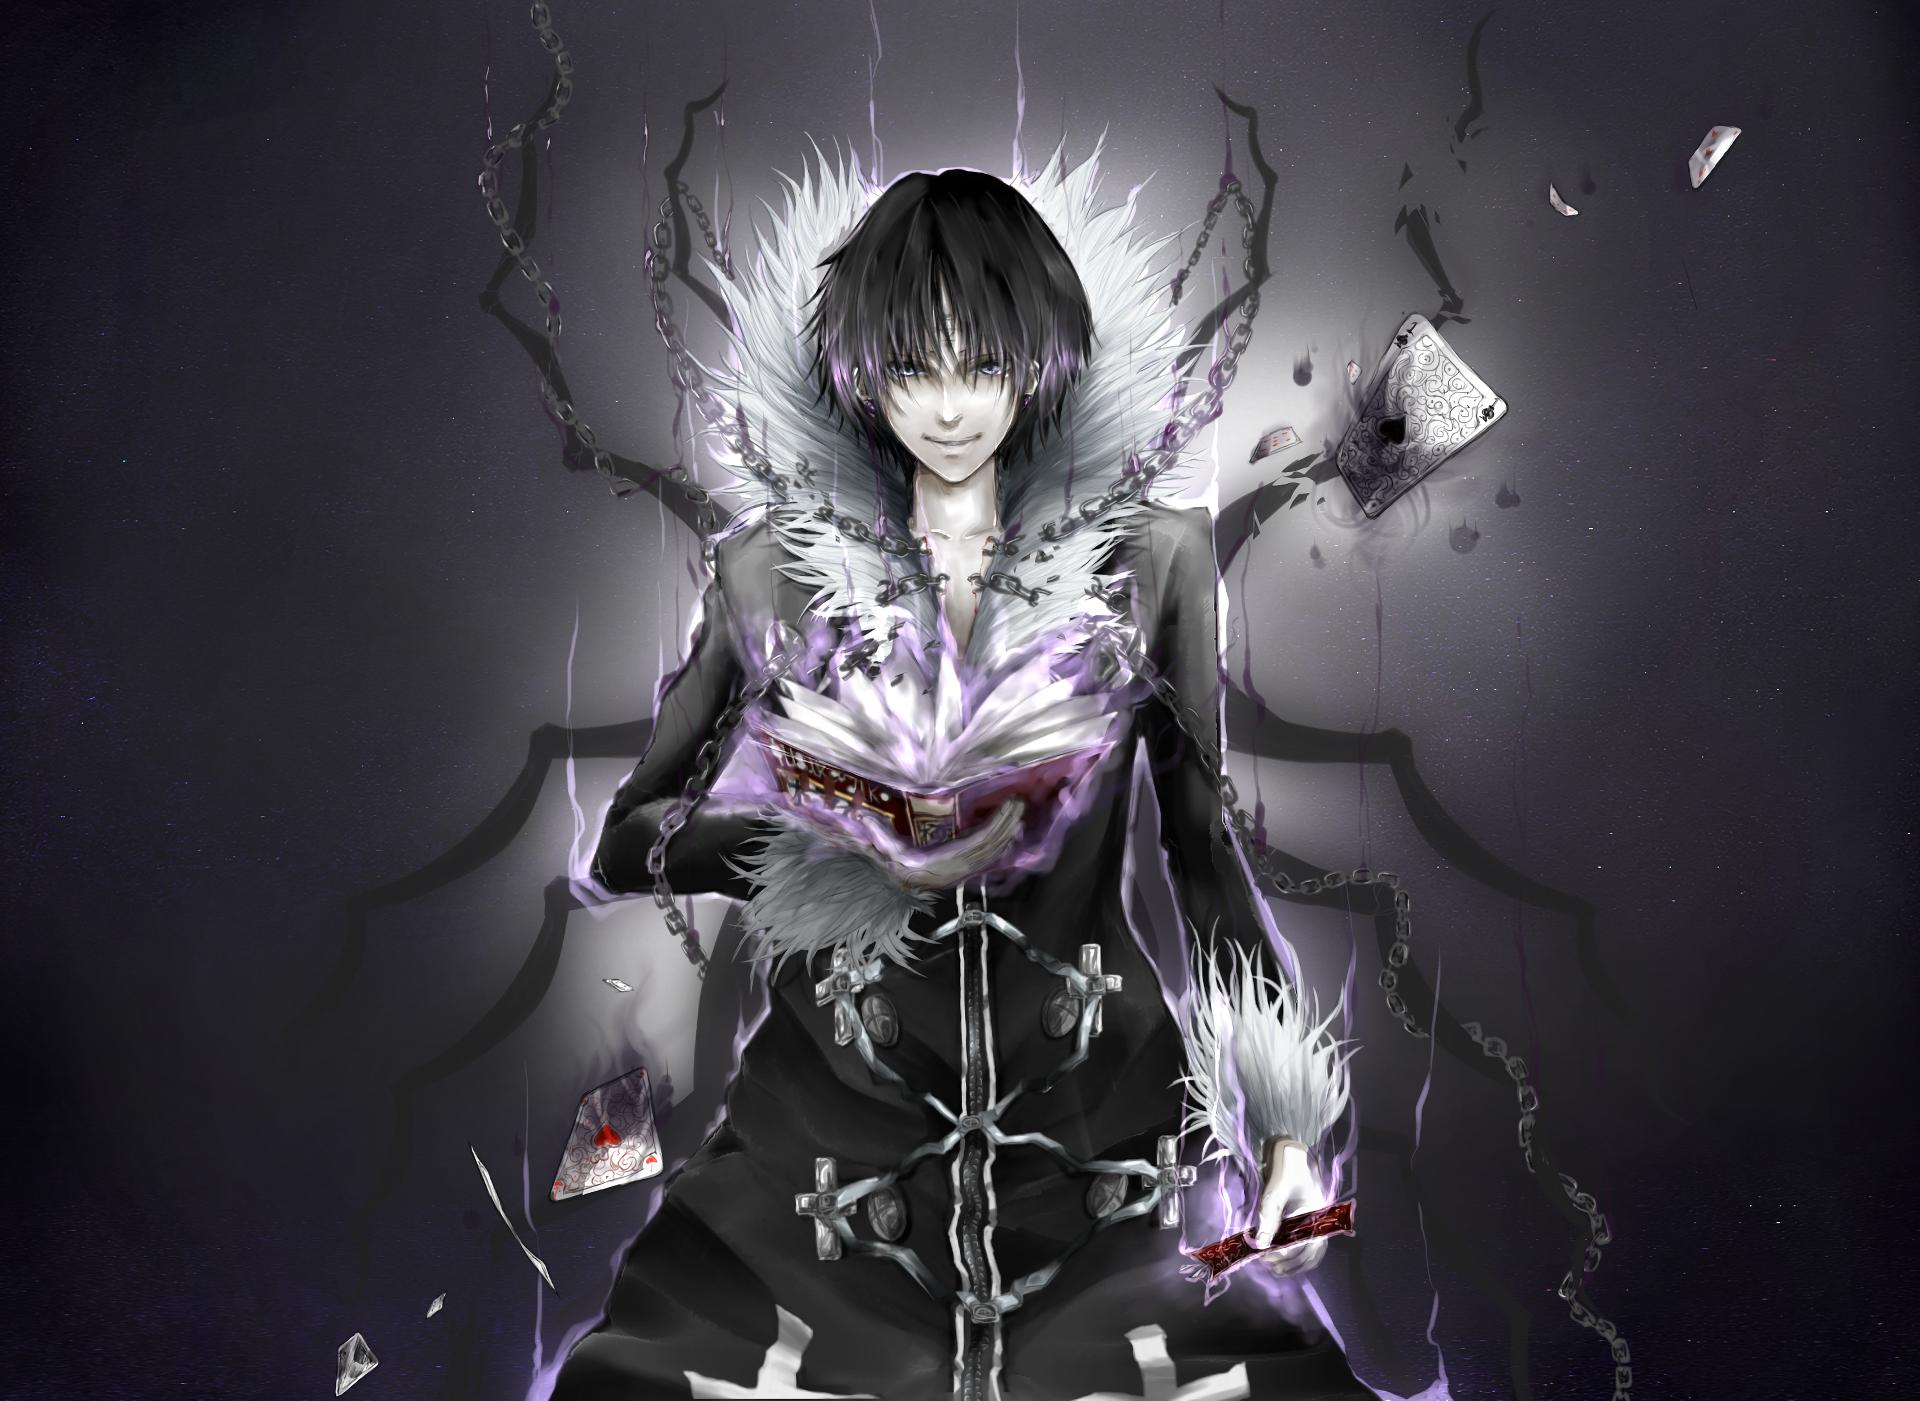 Wallpaper : Hunter x Hunter, anime, Chrollo Lucifer ...